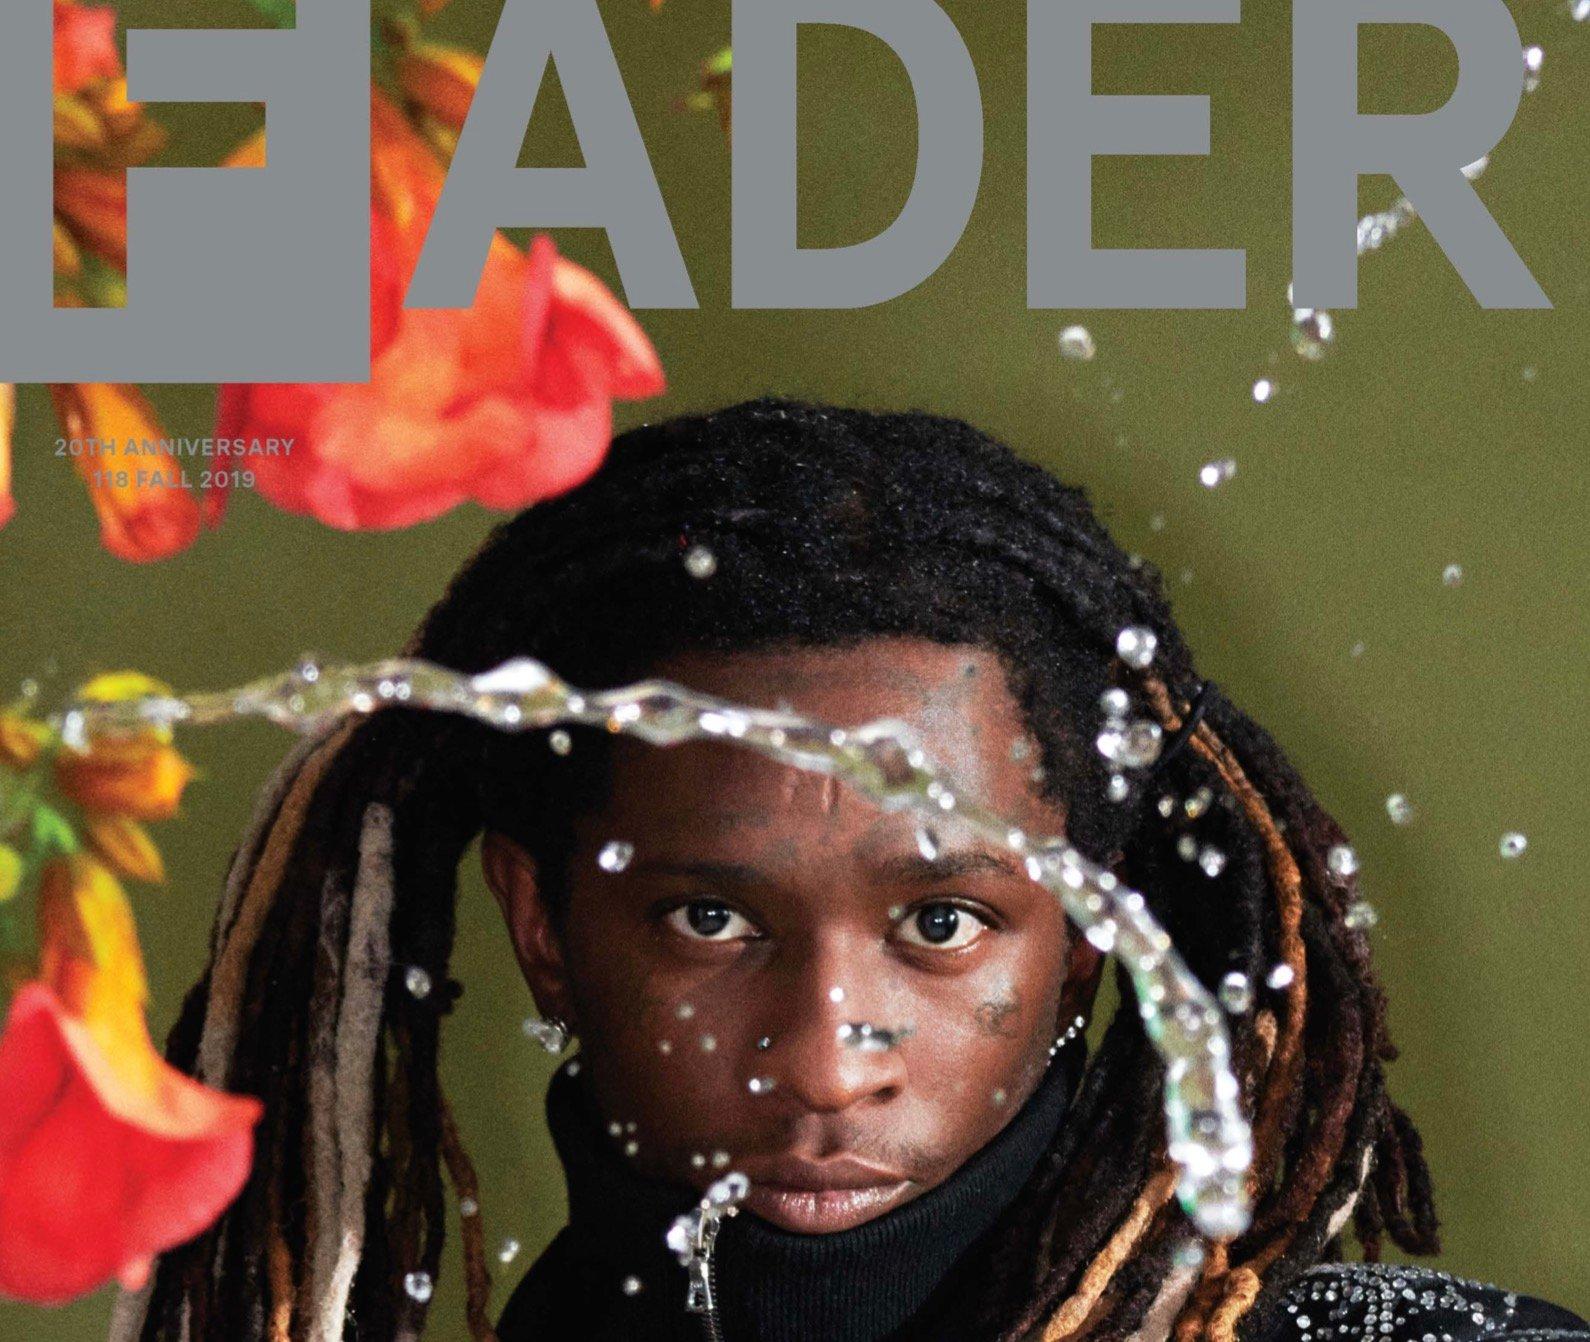 FADER Young Thug